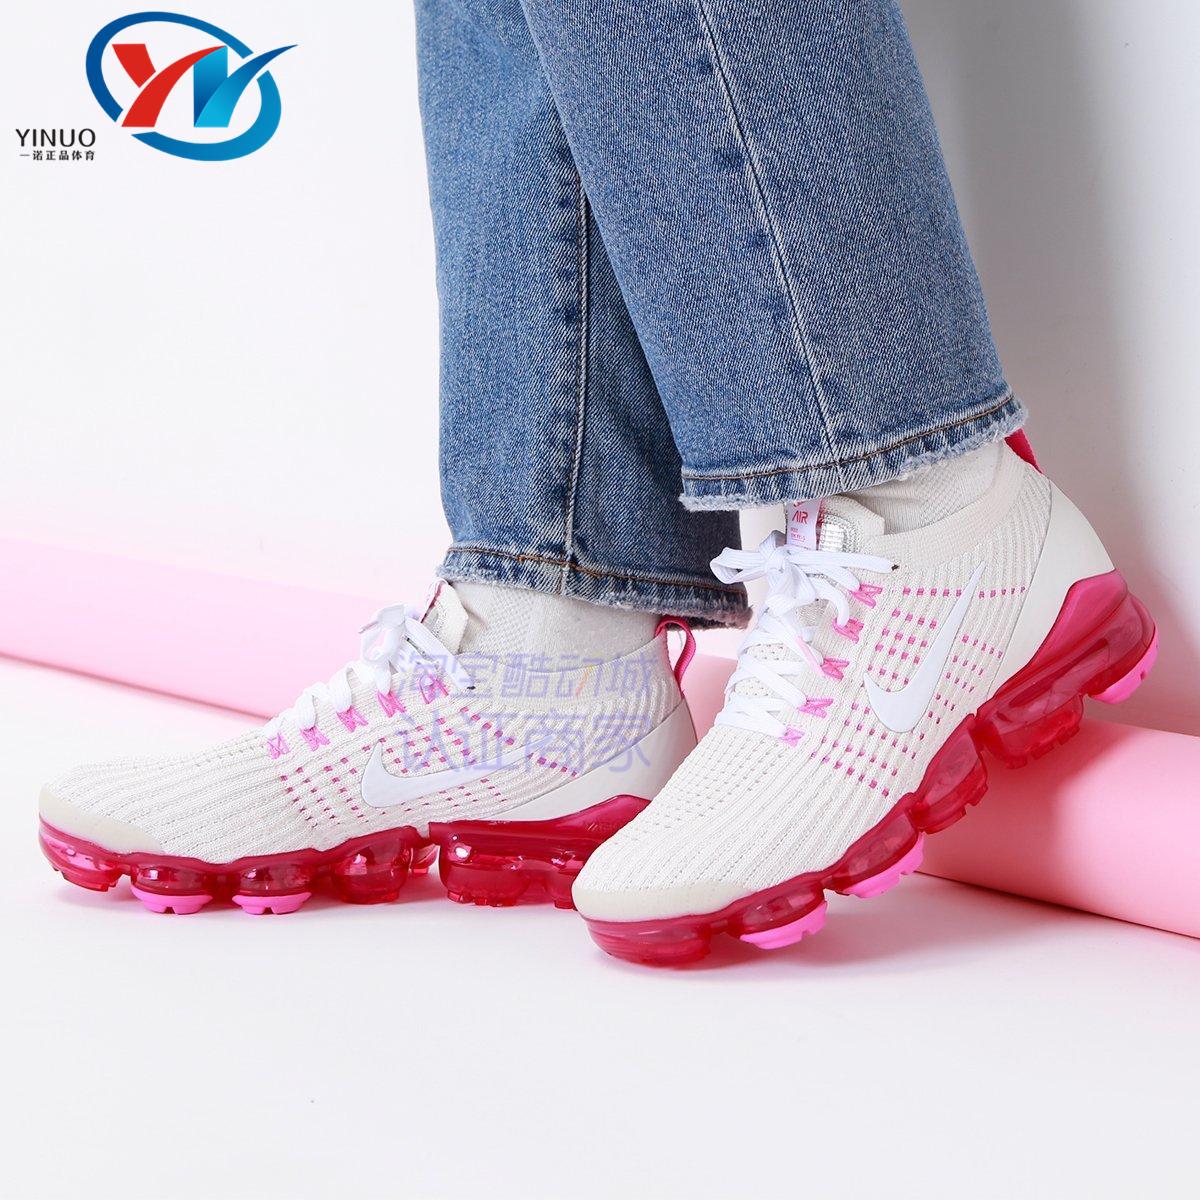 耐克老款运动鞋 Nike耐克 VaporMax 3.0 女子白粉气垫透气运动跑步鞋 AJ6910-005_推荐淘宝好看的女耐克运动鞋